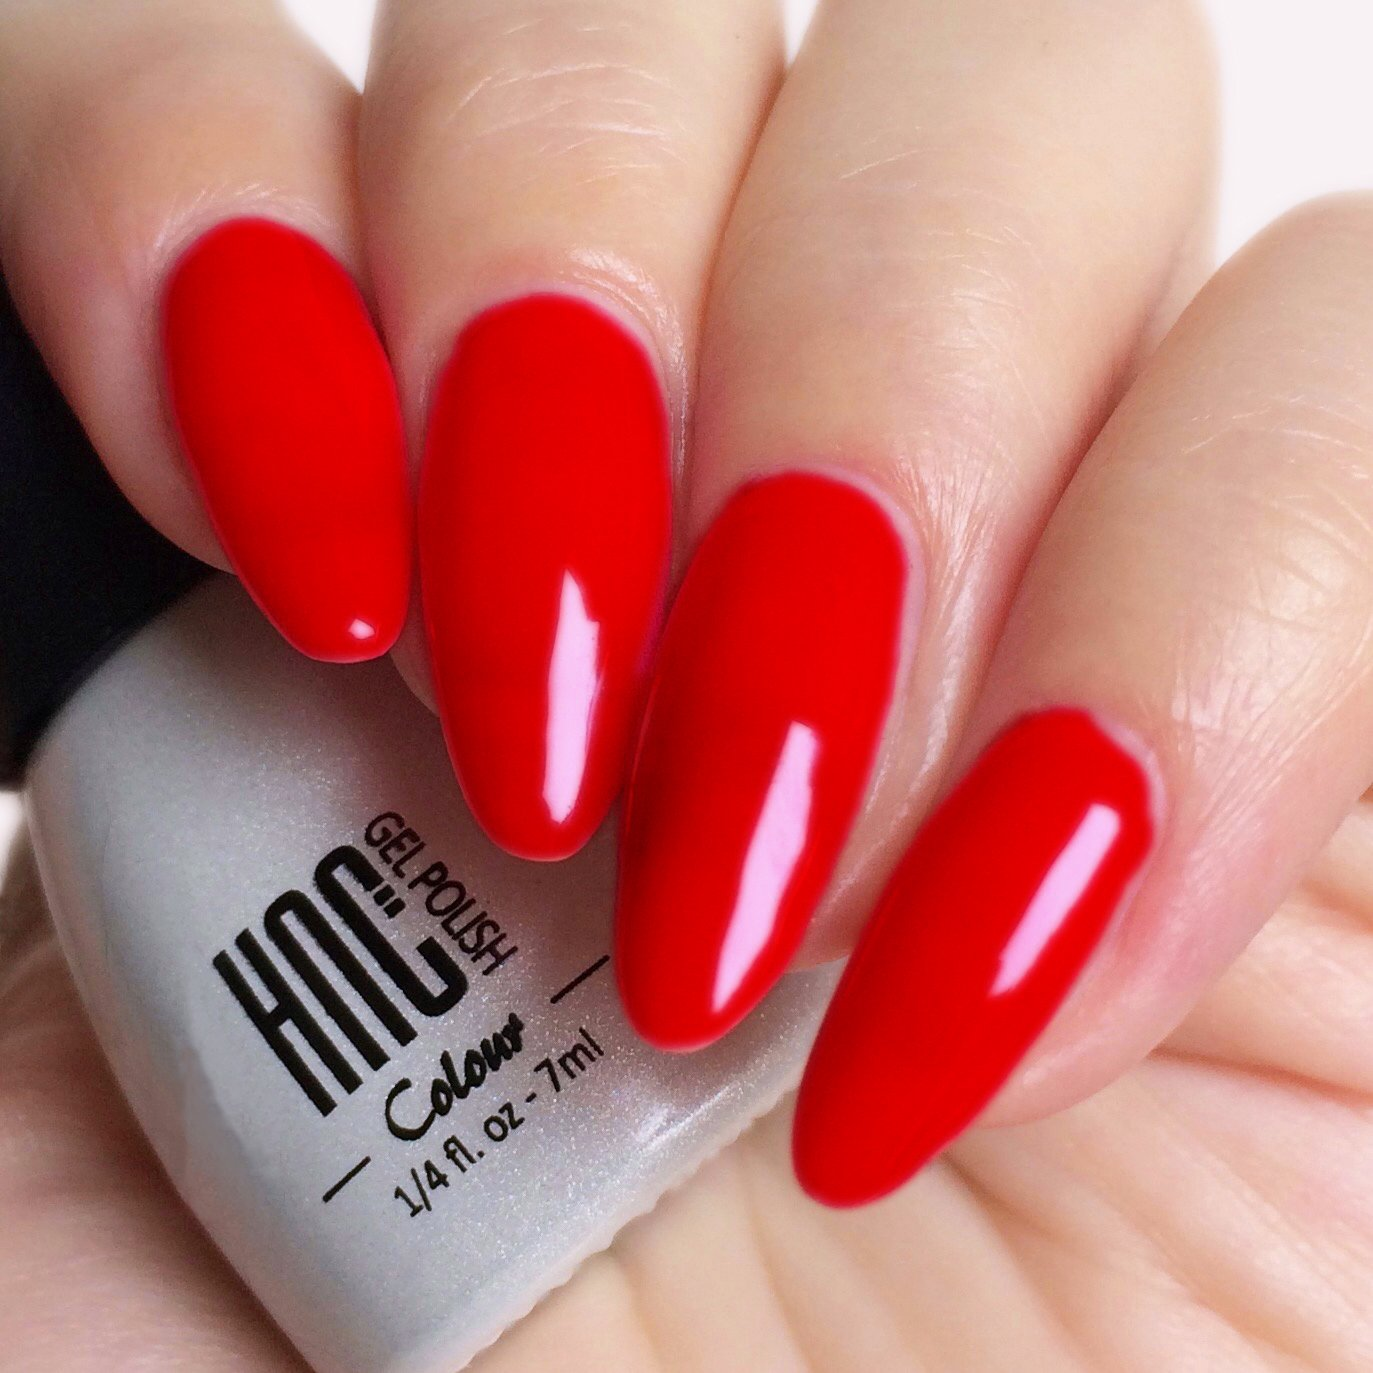 Amazon.com : NadiaGel HNC Non-Toxic Gel Nail Polish, Long-Lasting UV ...